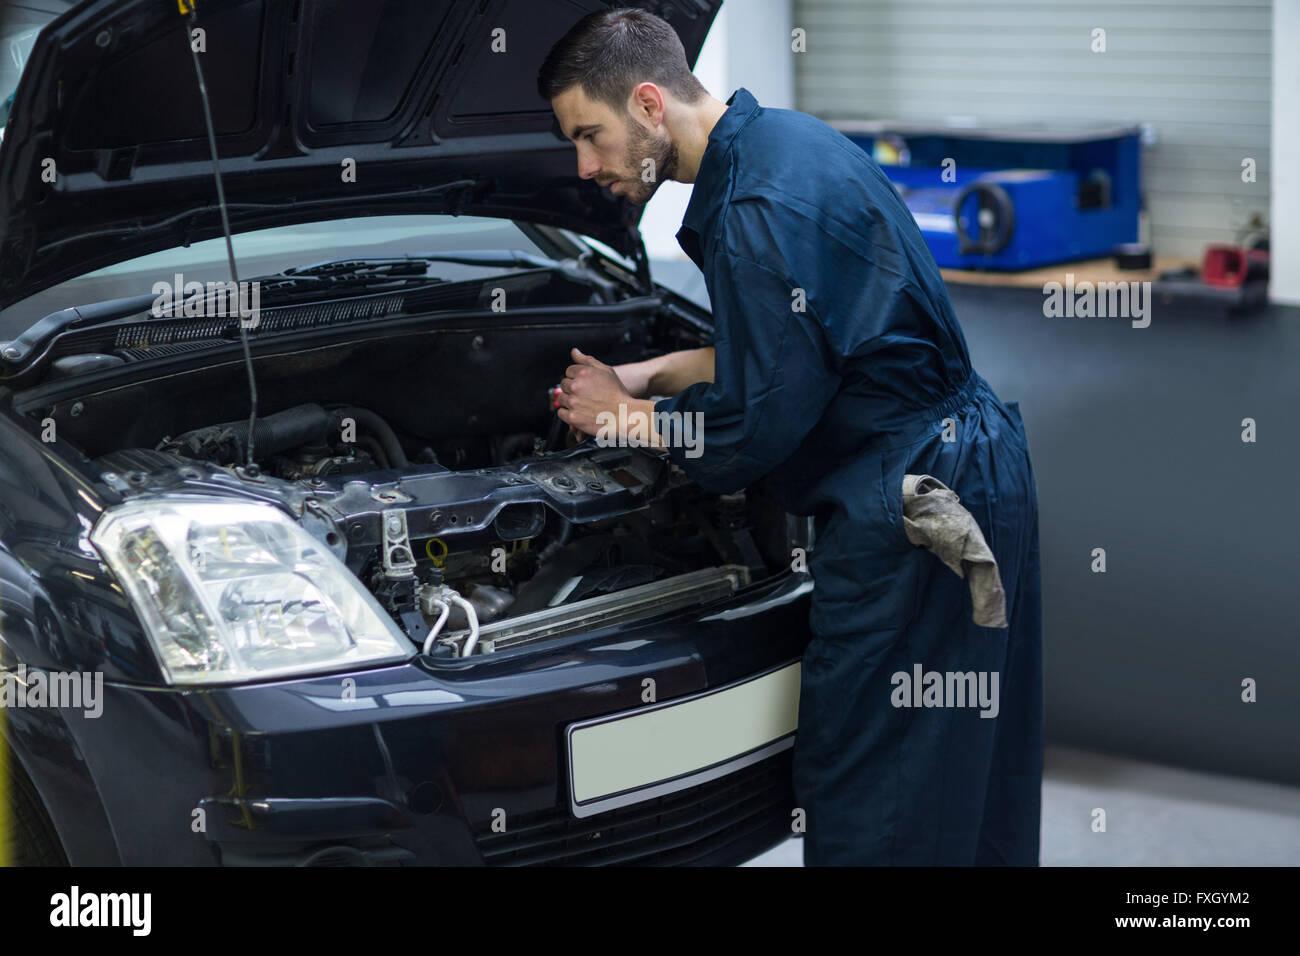 Mechanic examining car engine - Stock Image